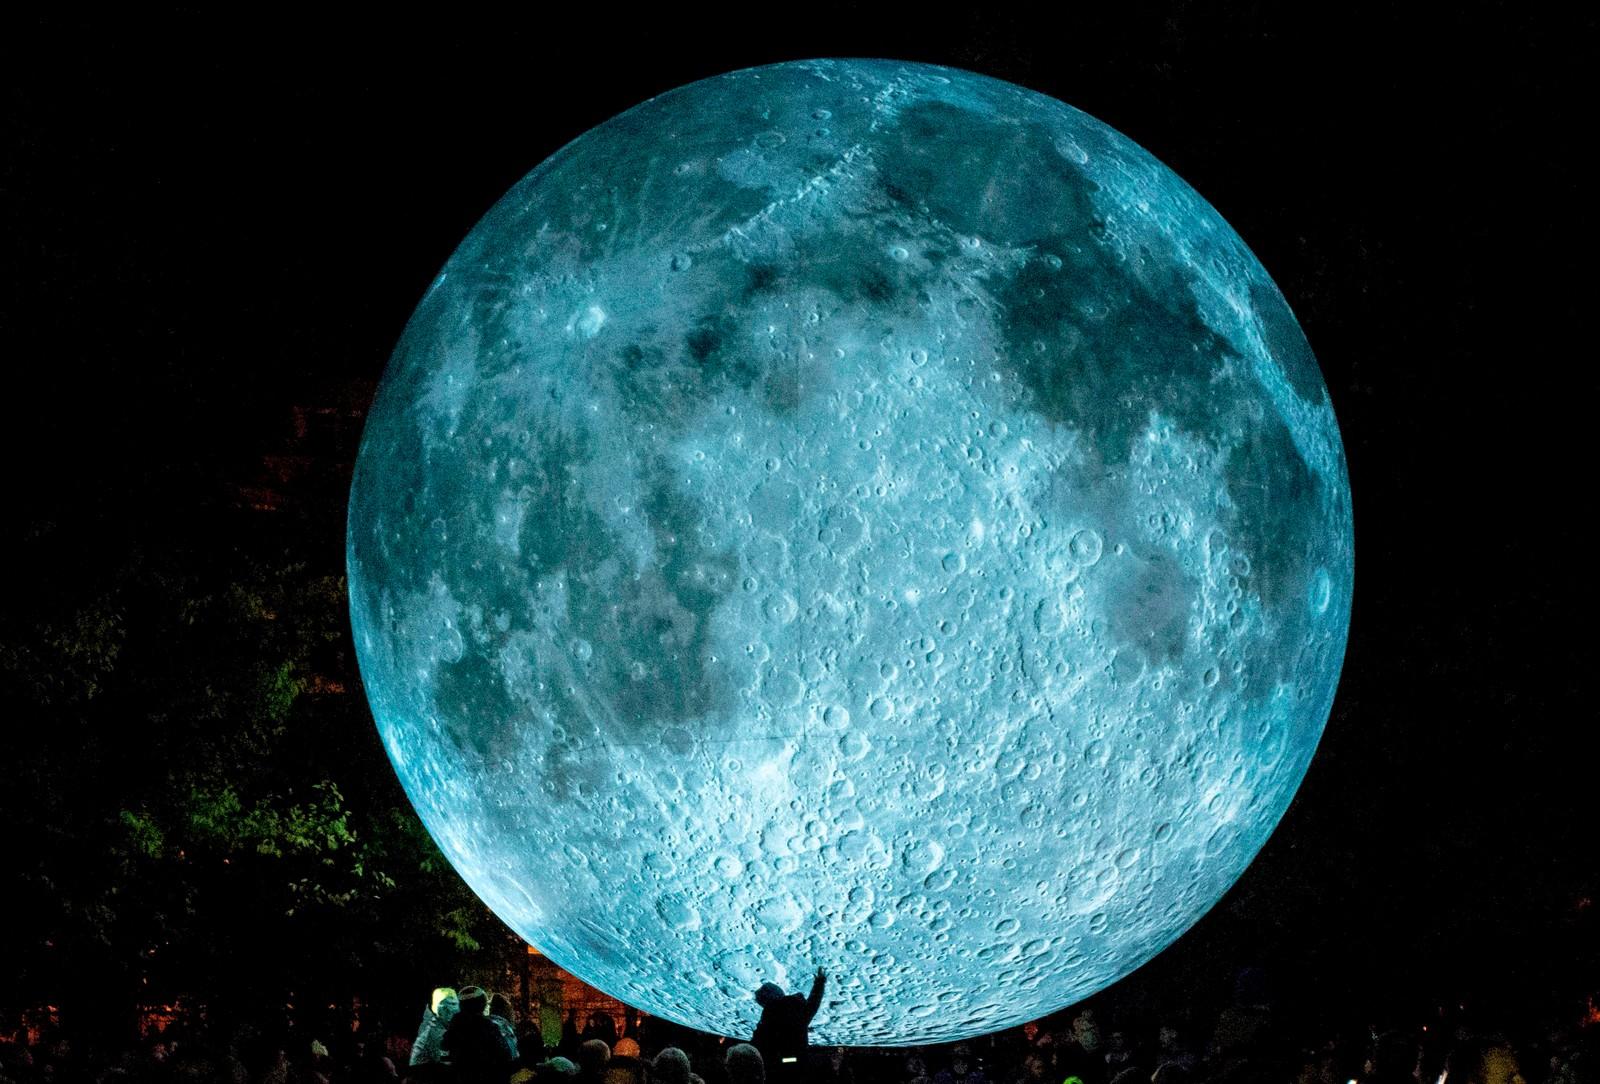 """Et barn tar på en installasjon som heter """"The Museum of the Moon"""" i Bratislava i Slovakia. Det er den britiske kunstneren Luke Jerram som står bak verket."""